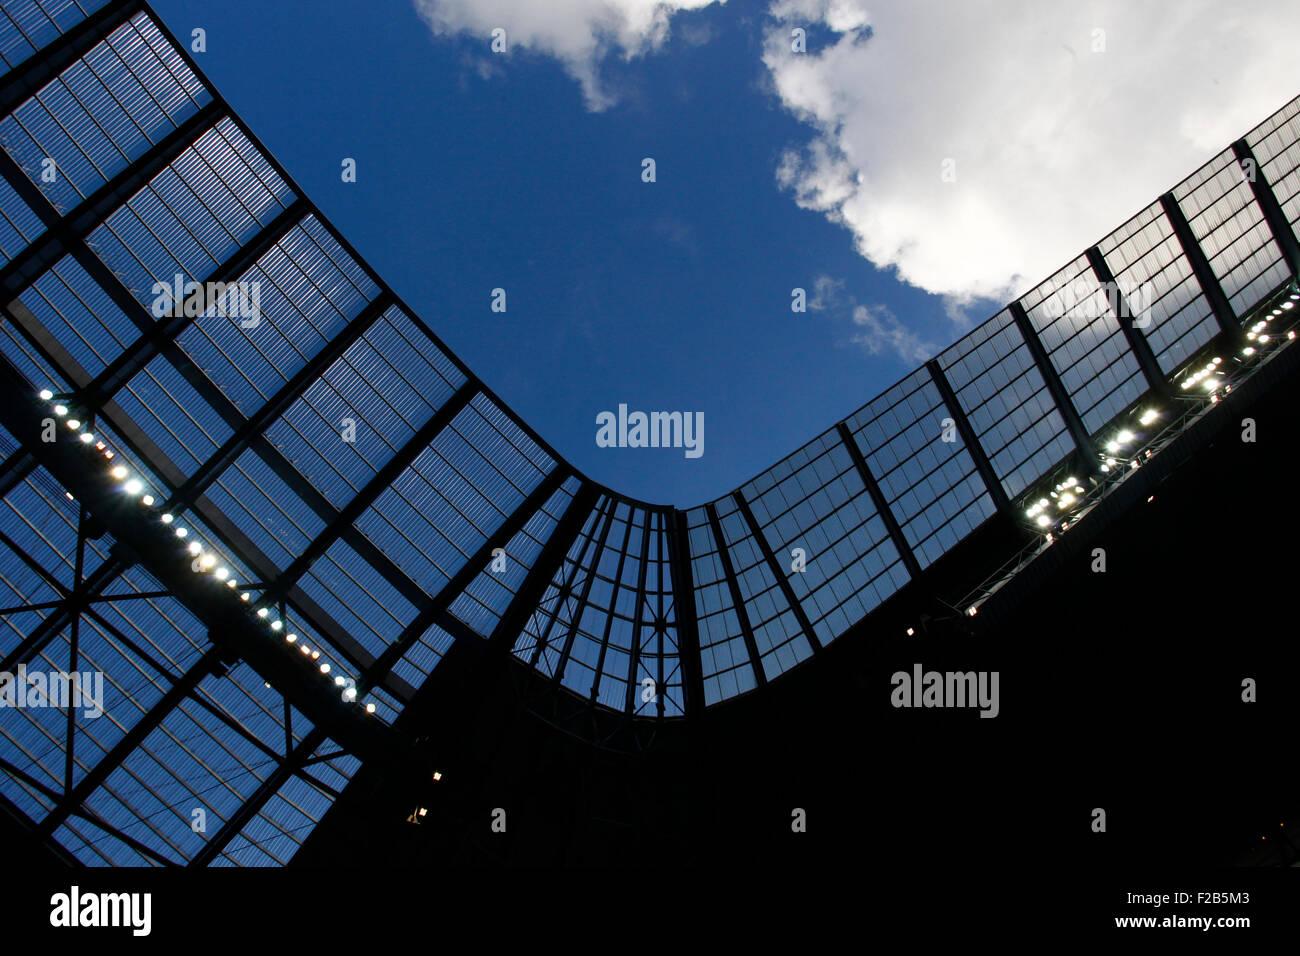 Manchester, Reino Unido. 15 Sep, 2015. Liga de Campeones. Manchester City vs Juventus. Una vista general de la ciudad Imagen De Stock